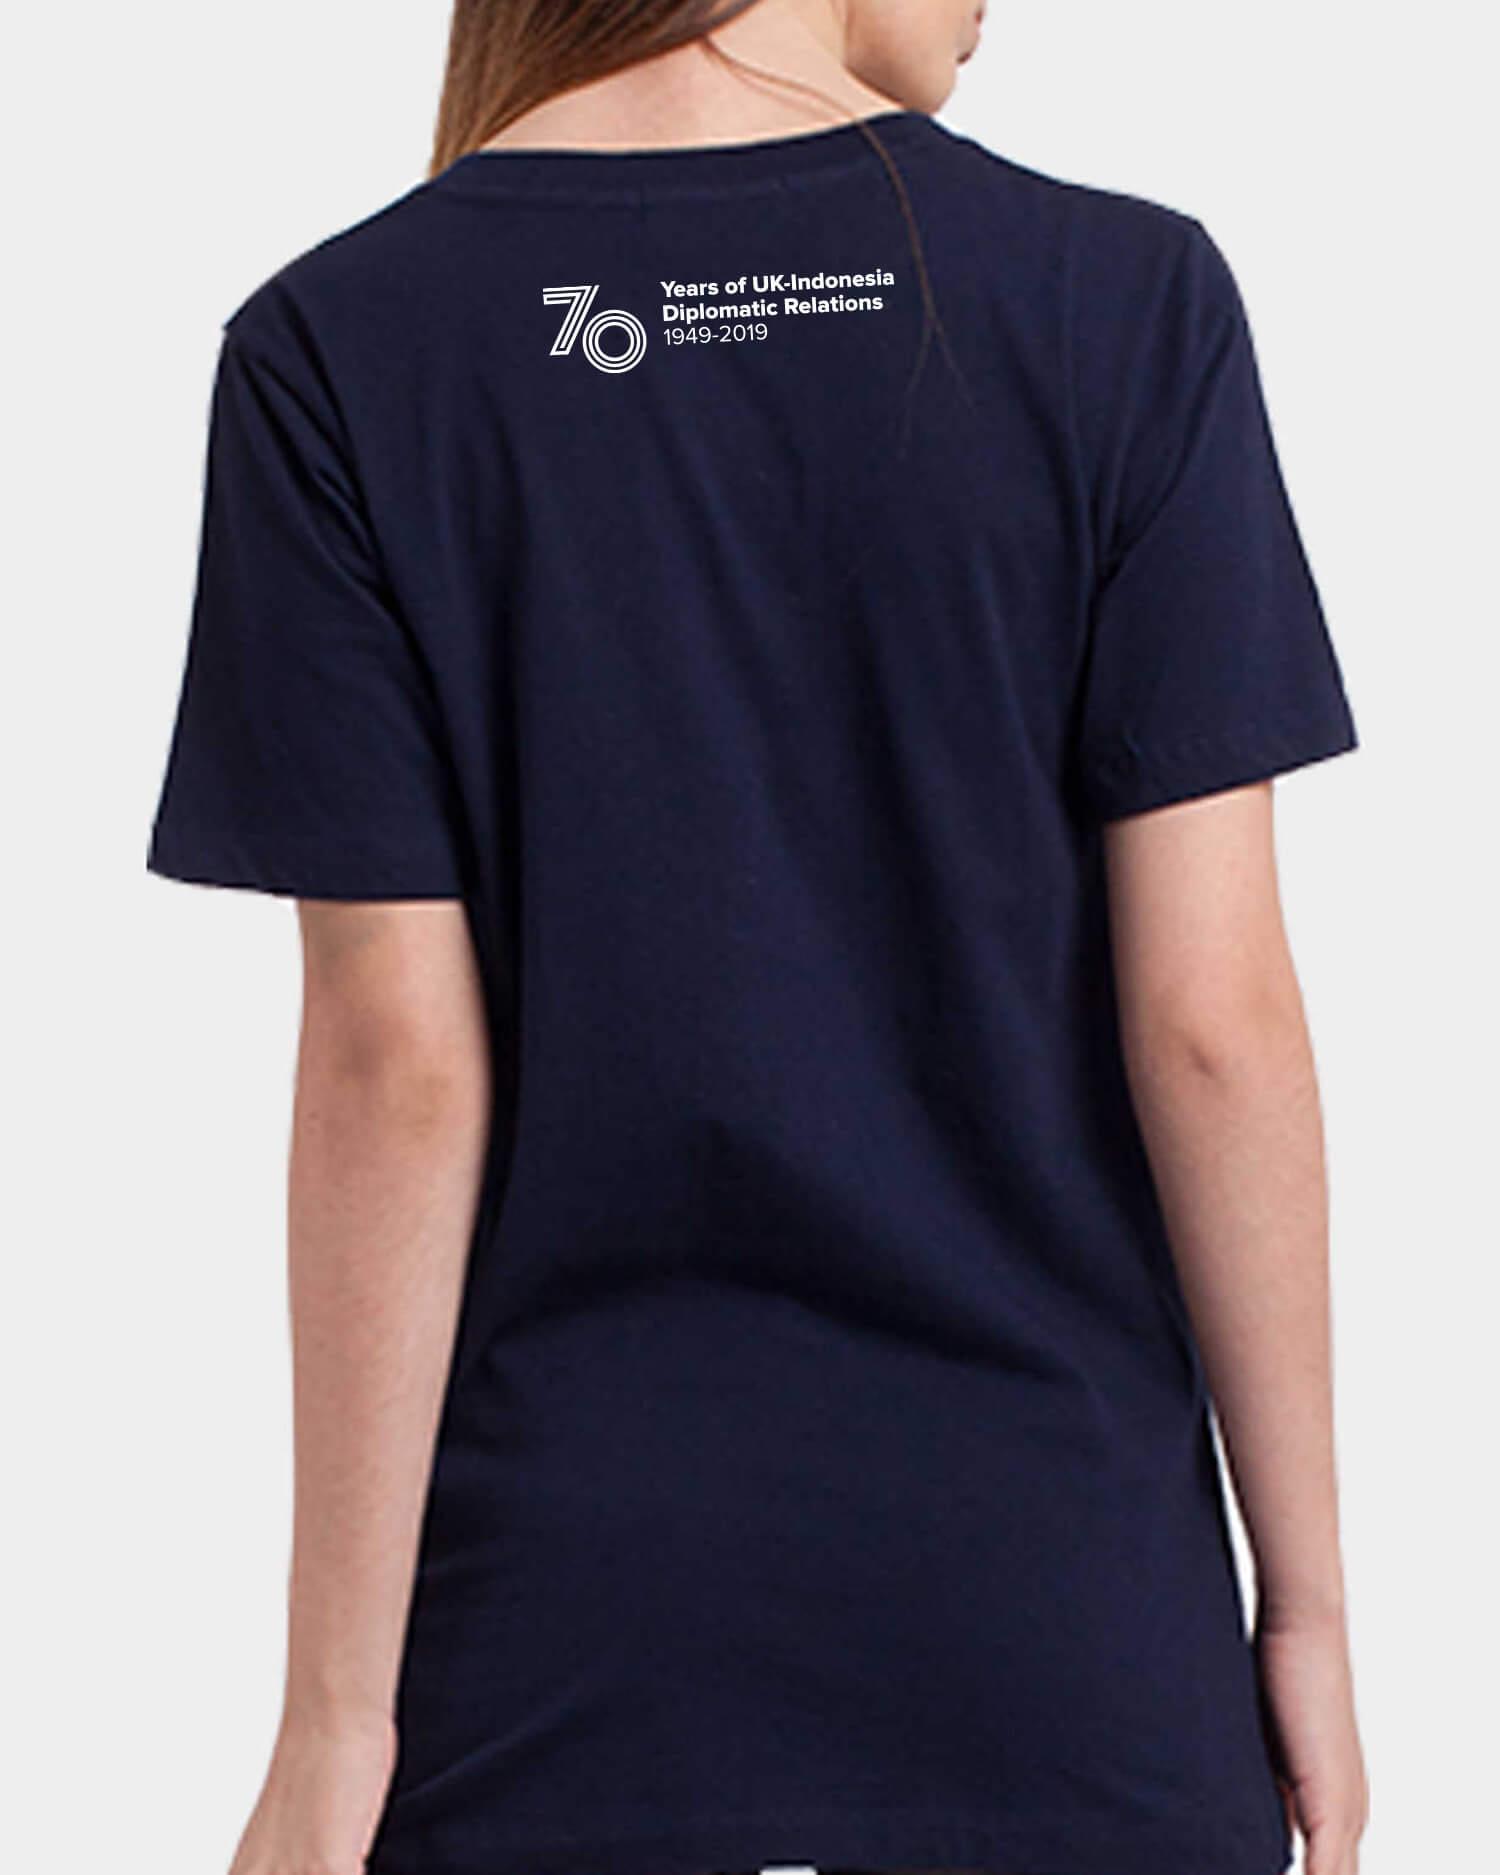 UKRI 70_Tshirt_Back